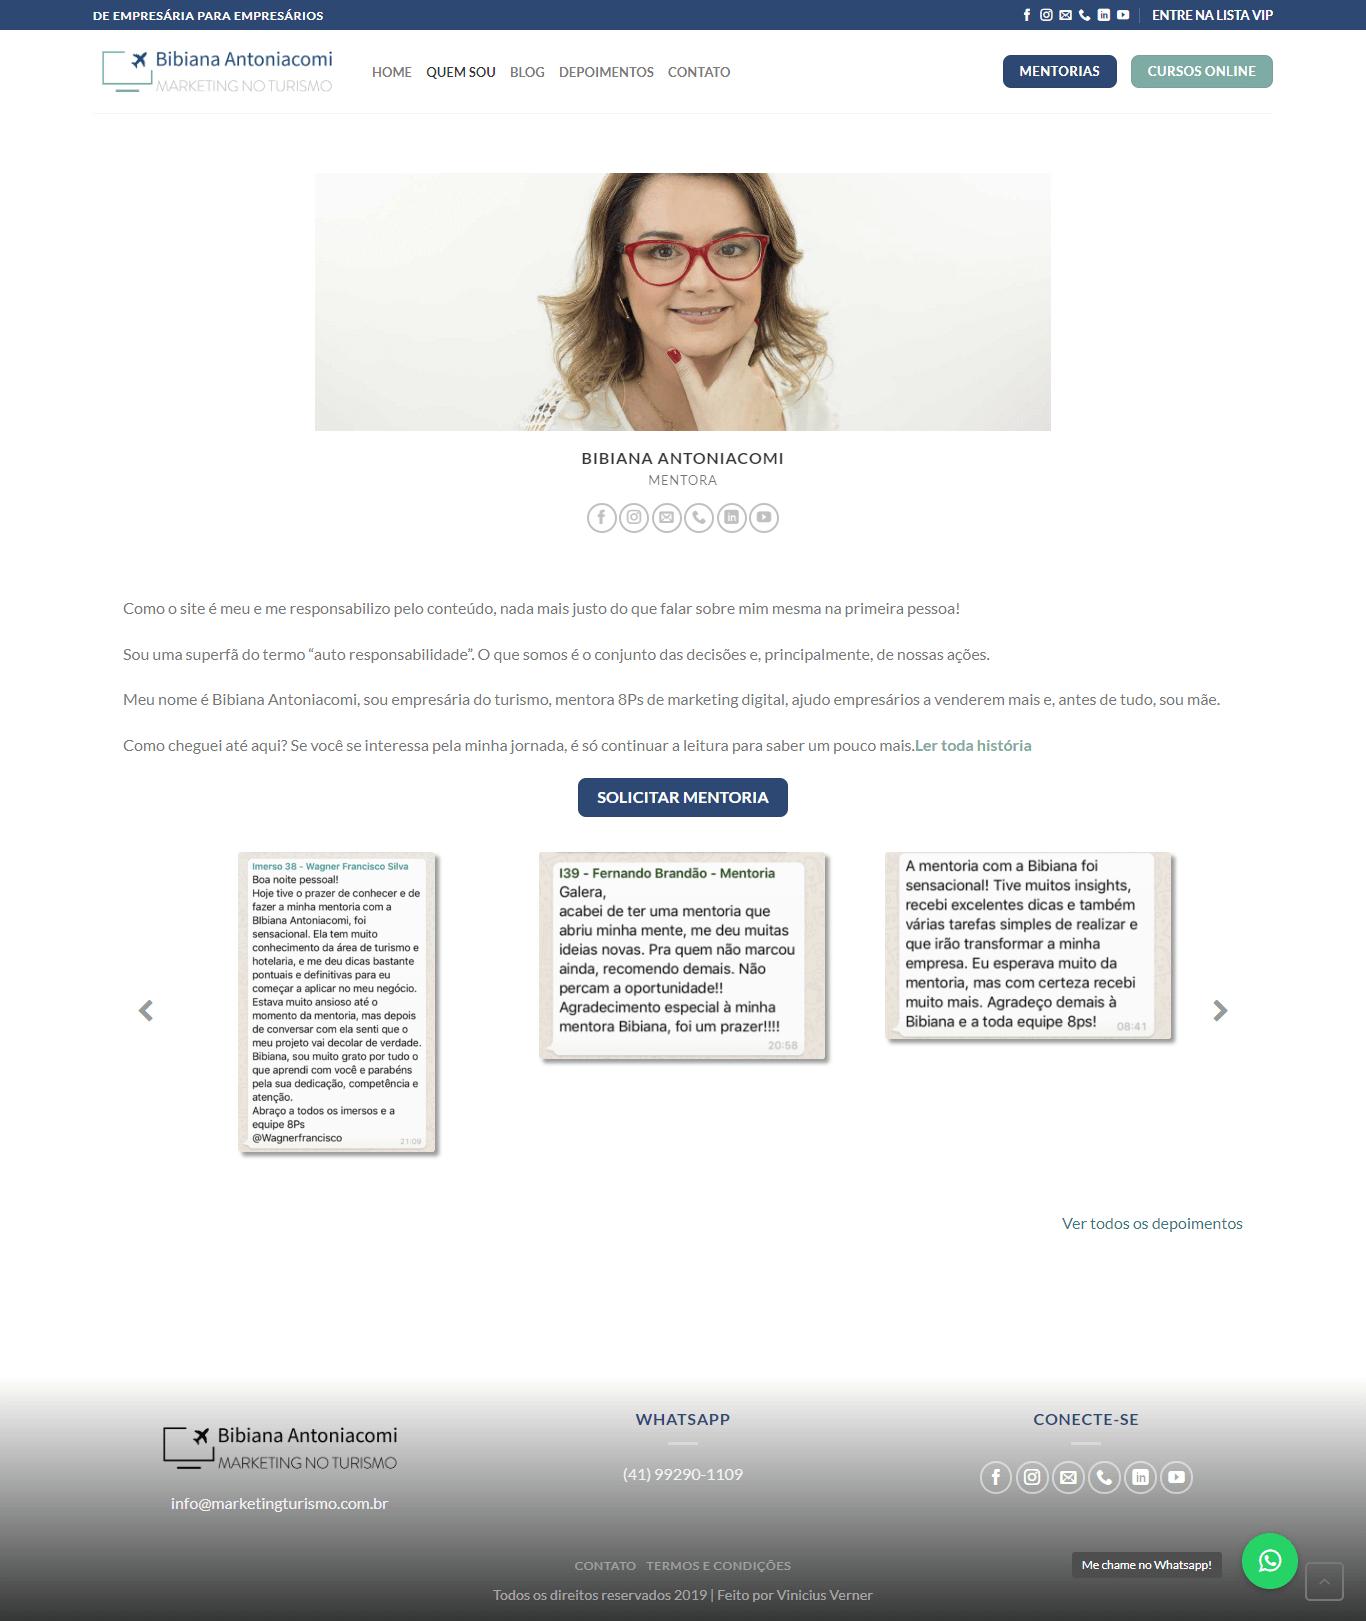 marketingturismo.com.br - Vinicius Verner